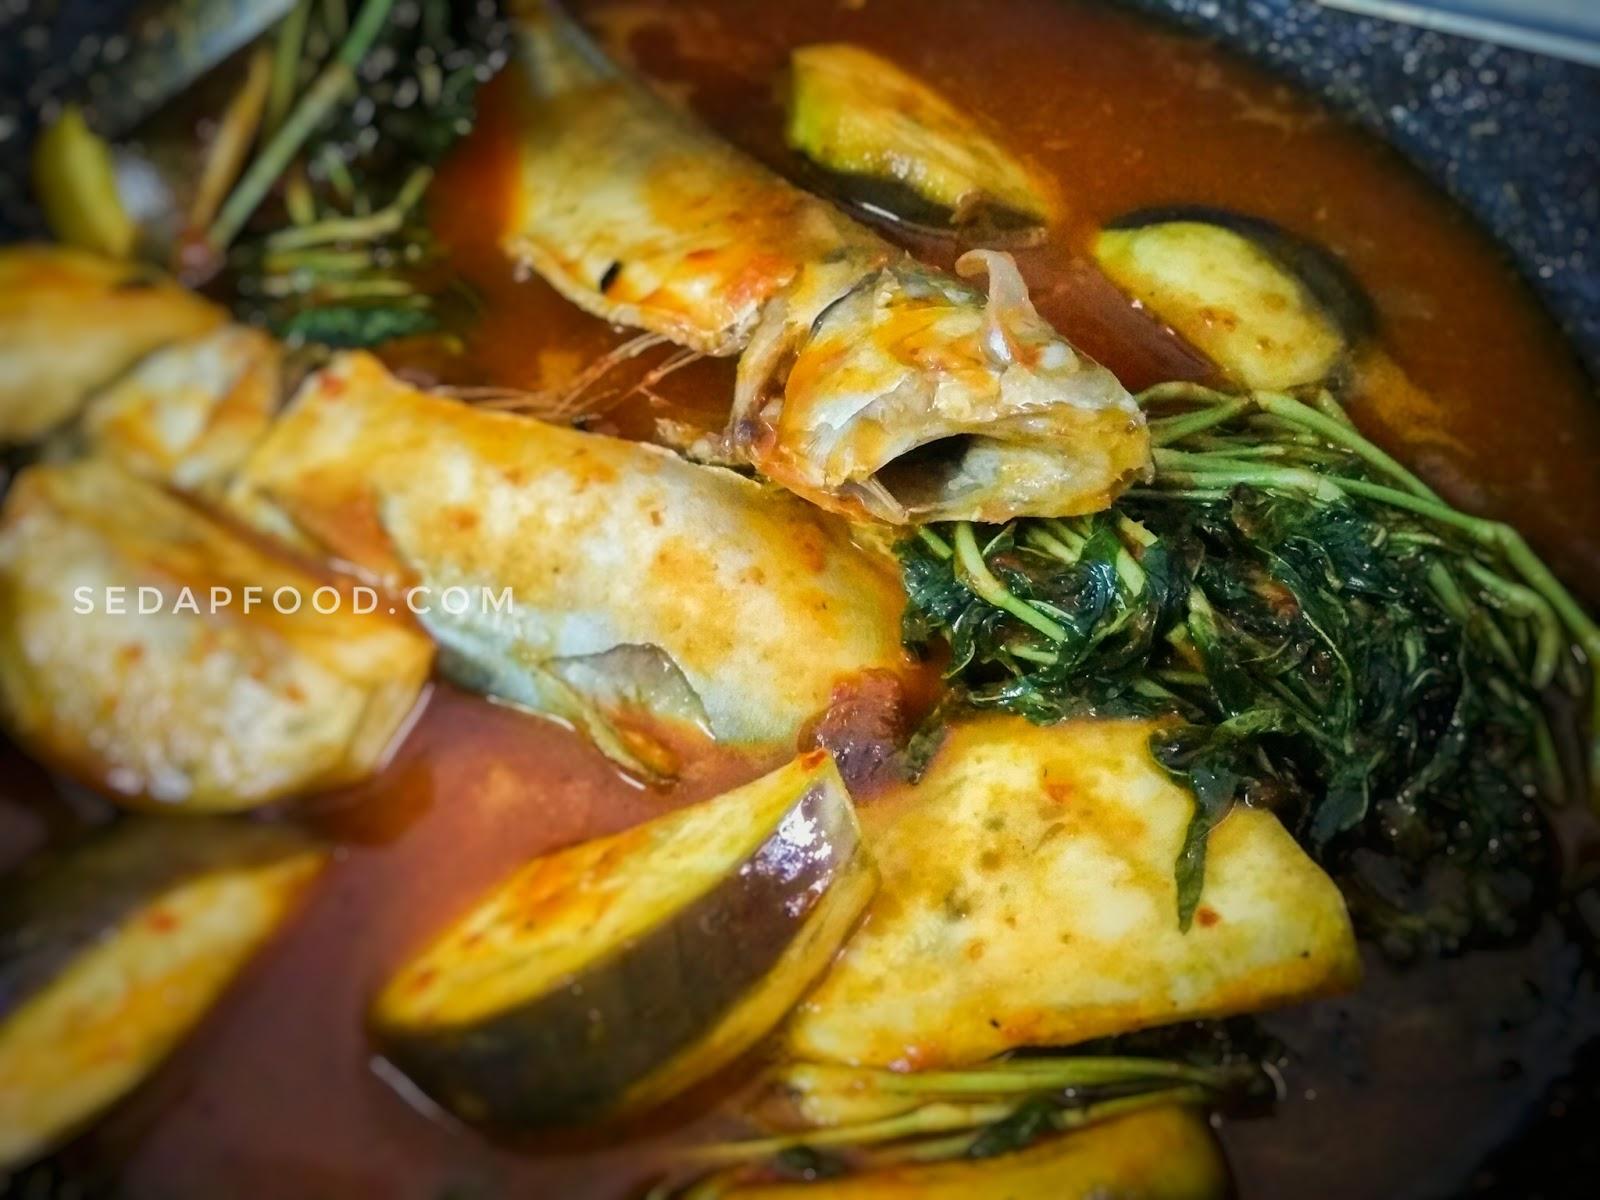 Resepi Ikan Kembong Masak Asam Pedas Kuah Sedap